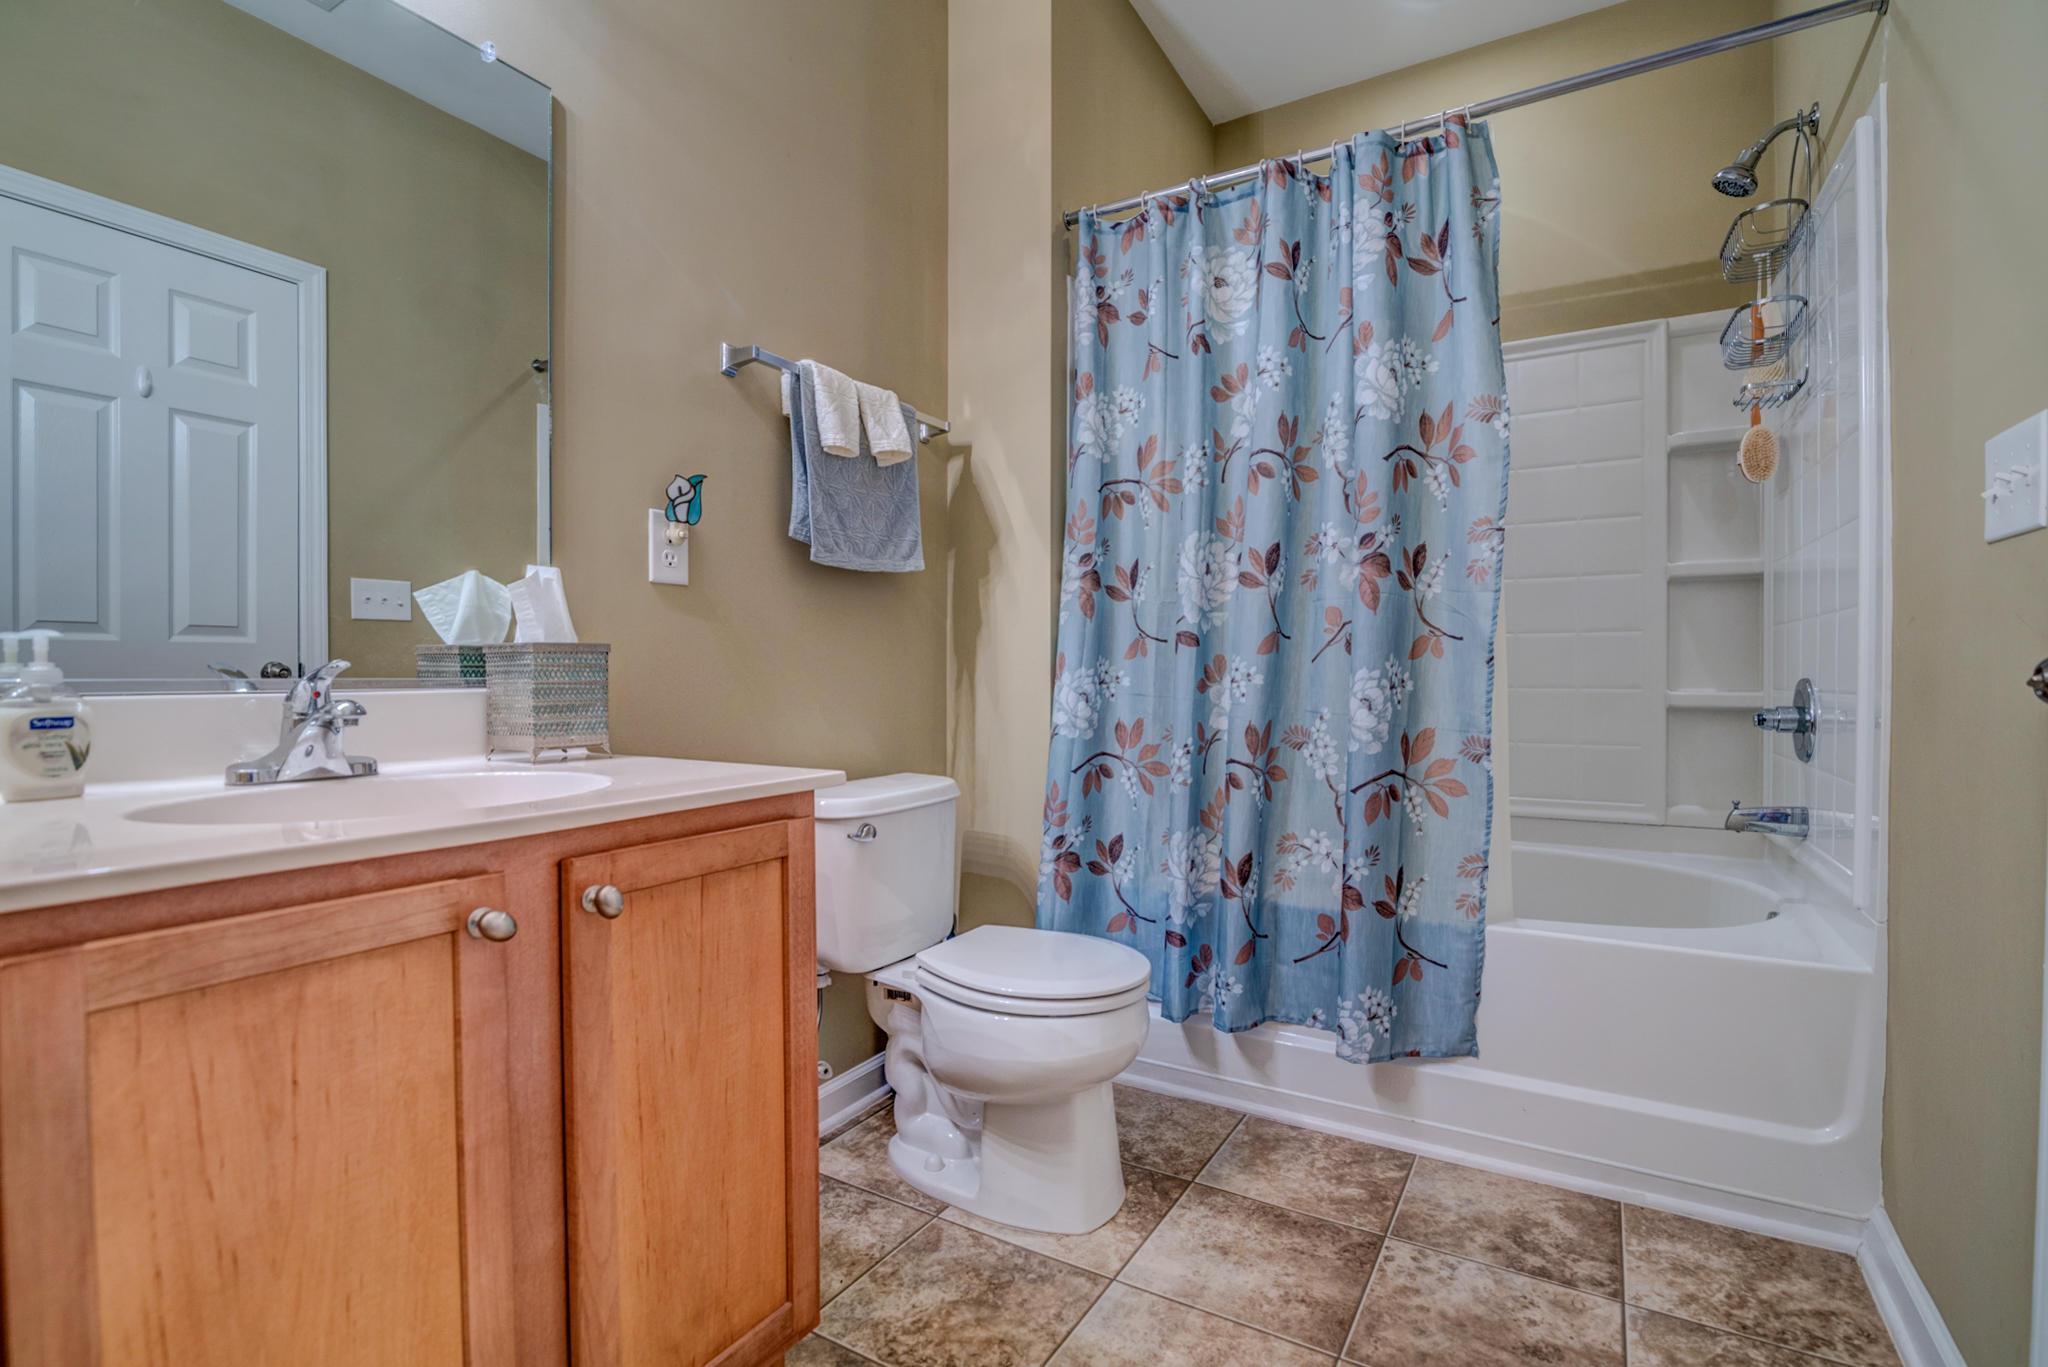 Park West Homes For Sale - 3001 Parkwest, Mount Pleasant, SC - 11